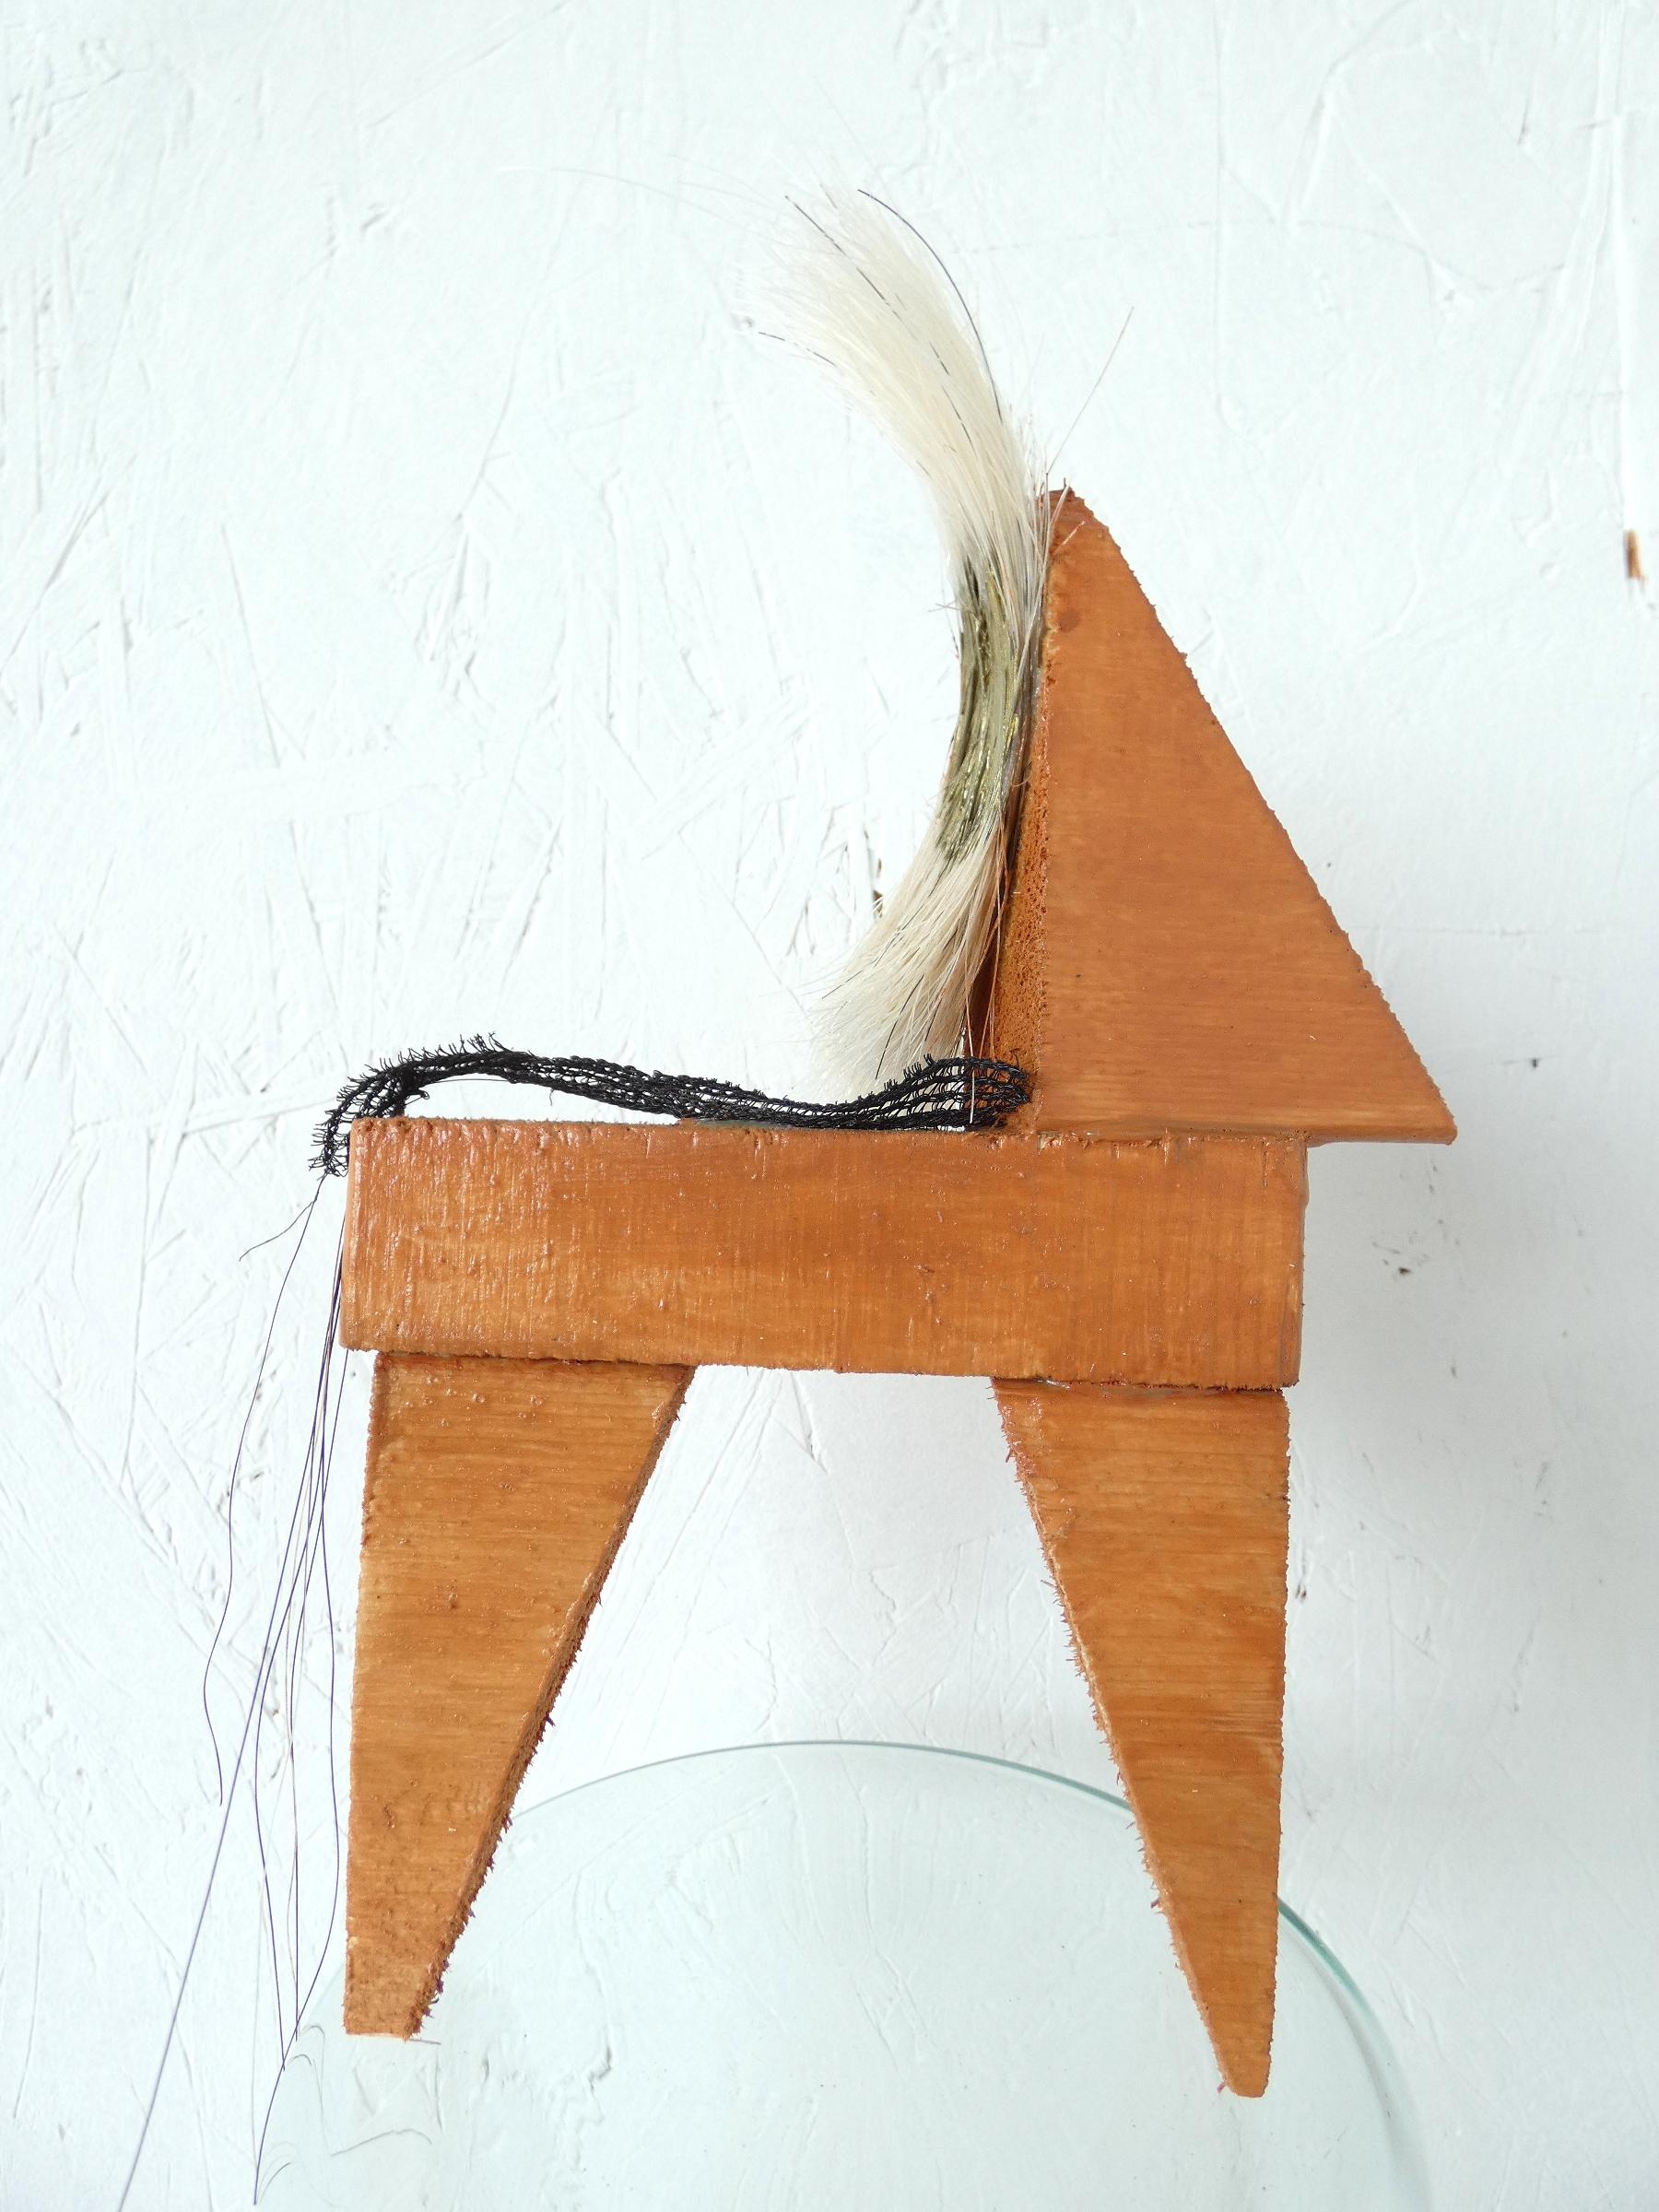 IJslander paardje object, icelandic horse, paardenhaar, artwork, kunst, art, artlovers, hout, kunst kopen, artcollectors, sculpture, art at home, kunstenaar Wietske Lycklama à Nijeholt